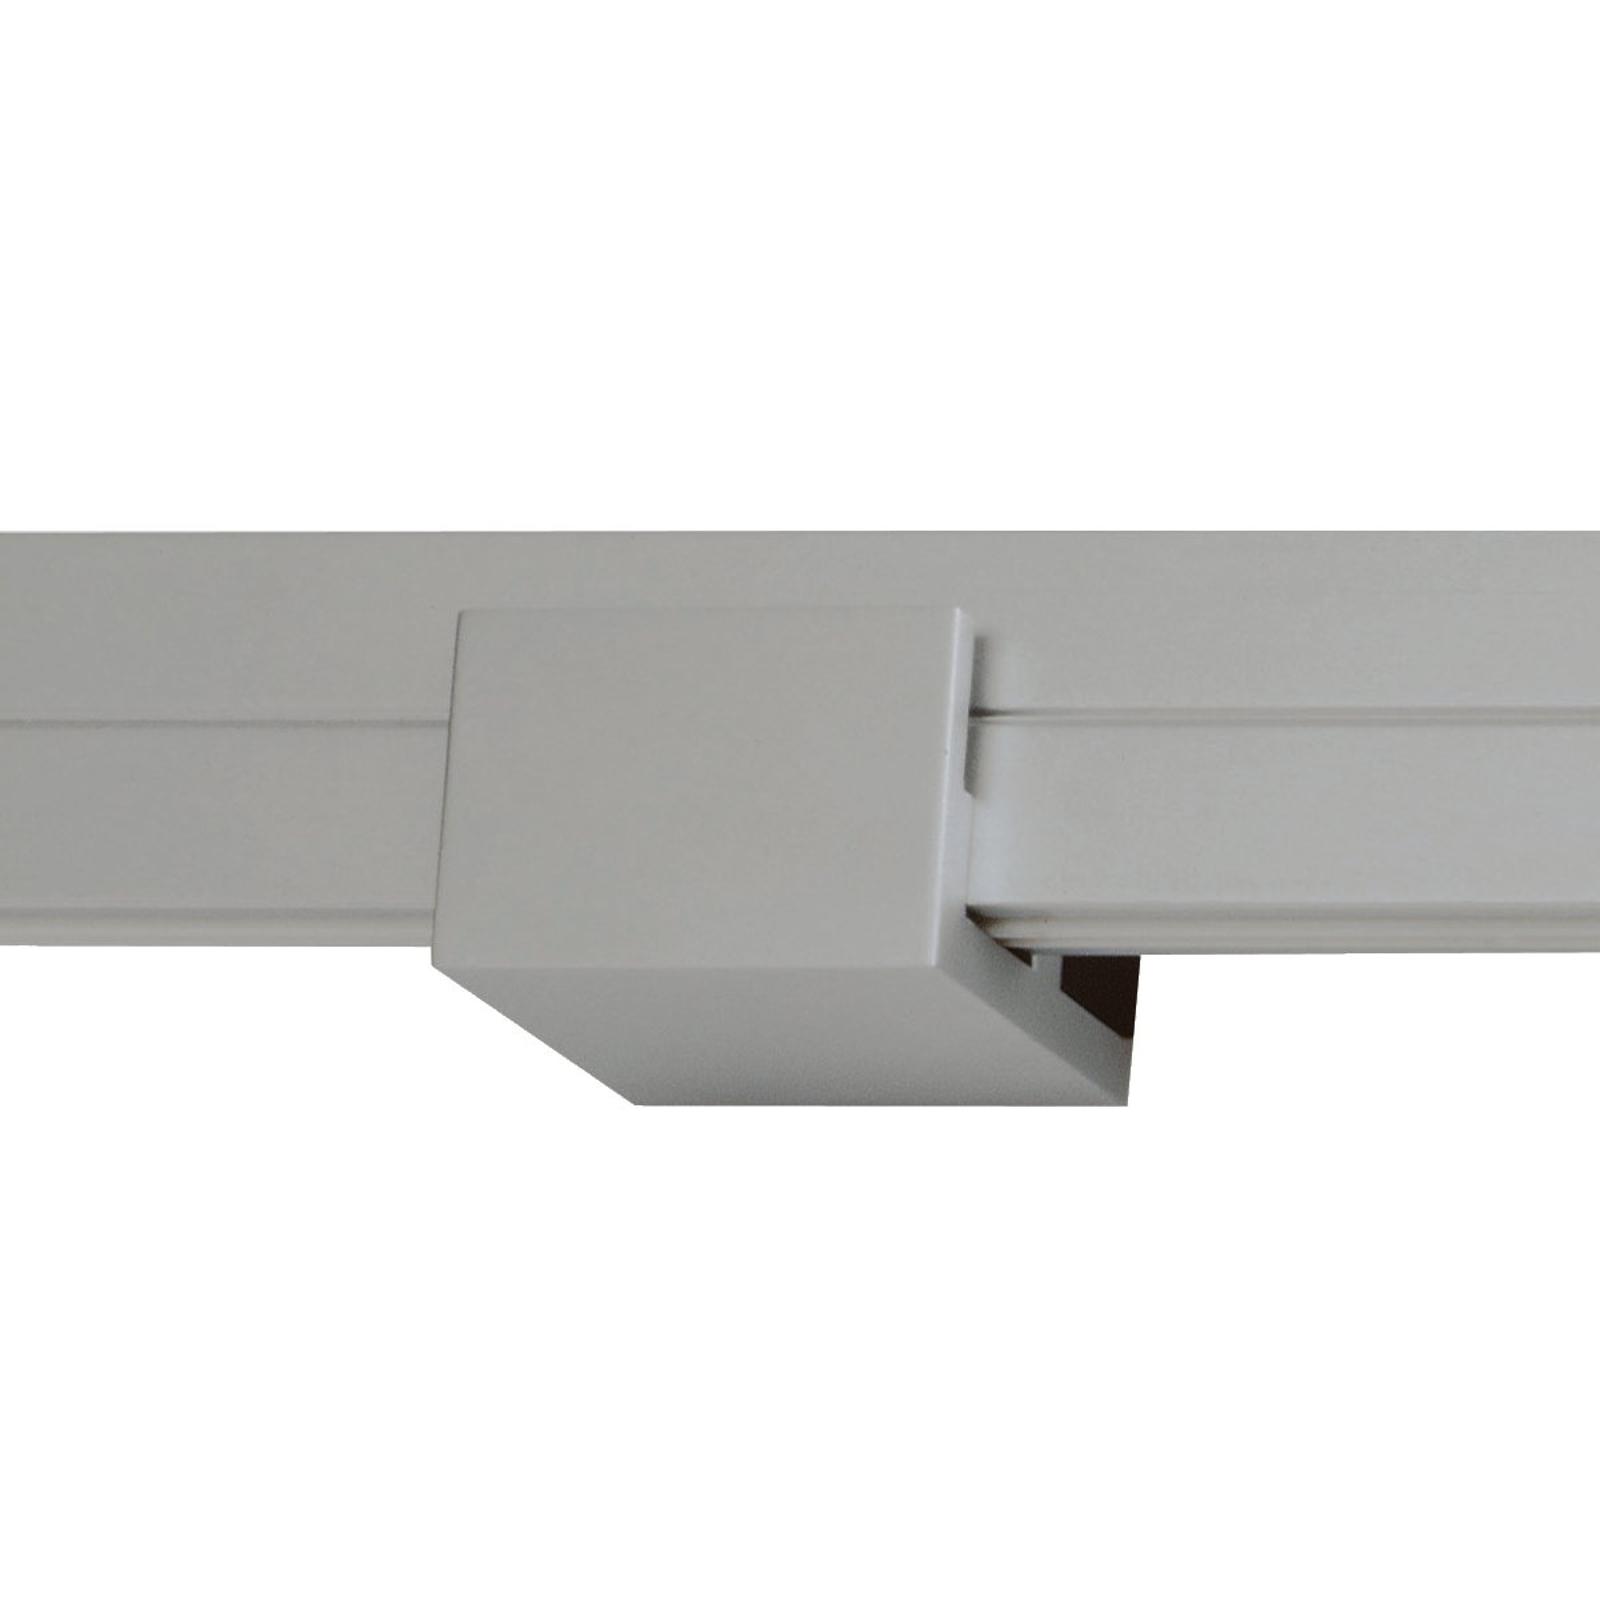 OLIGO Check-In Wandträger zu Schienensystem